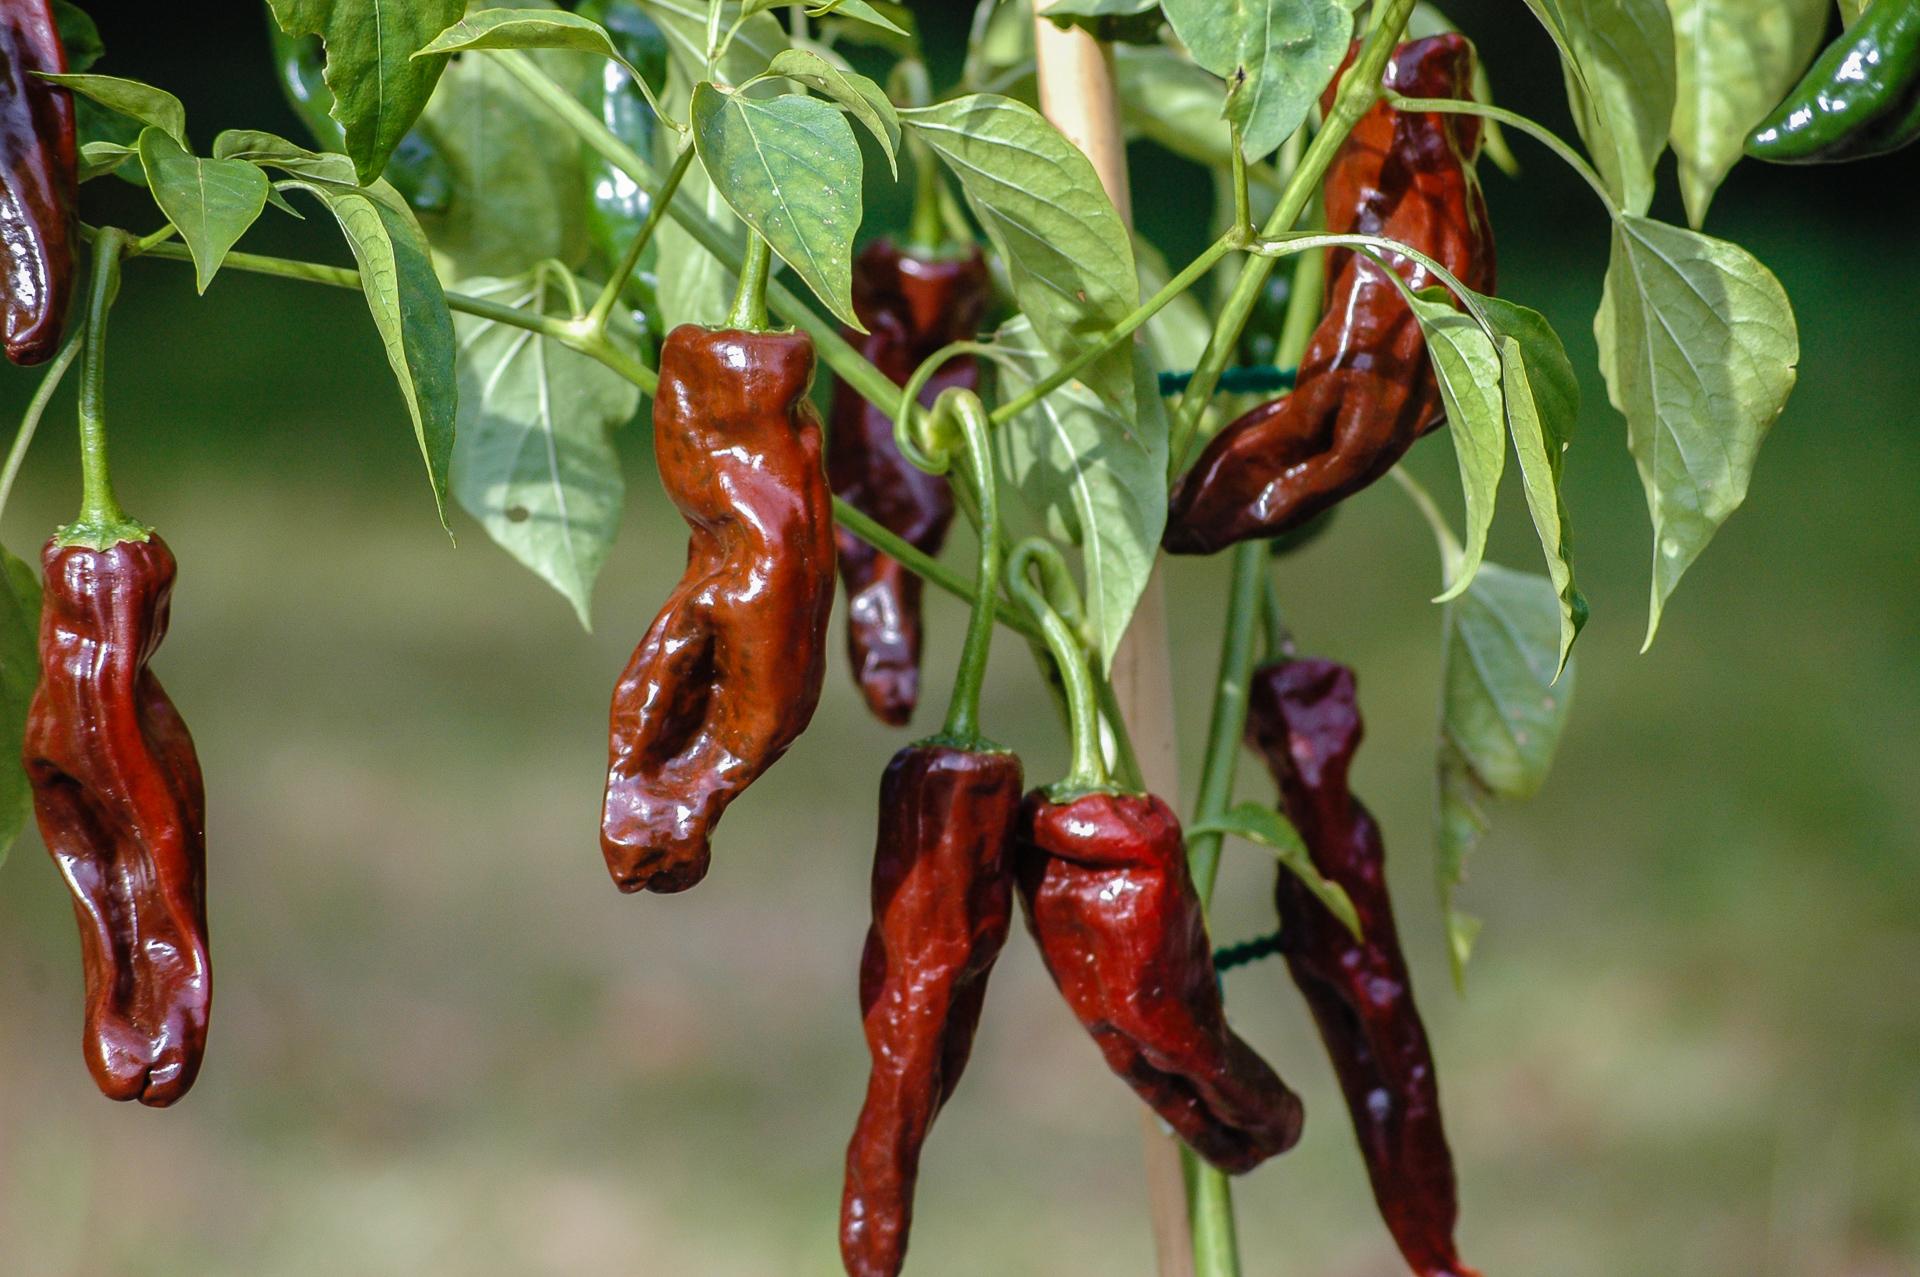 Dányi Tf - Capsicum annuum - variedad de chile